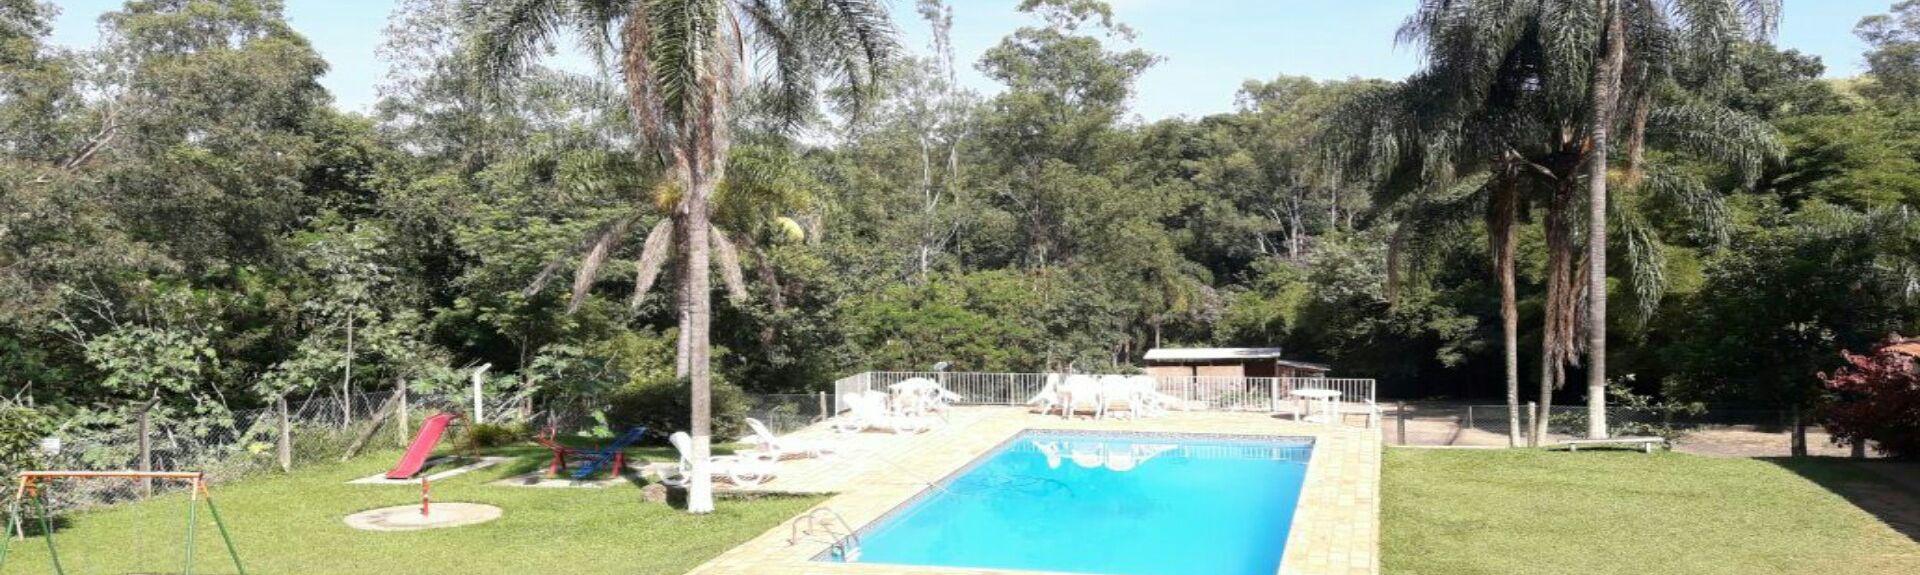 Stacja Botujuru, Campo Limpo Paulista, Campo Limpo Paulista, Region Południowo-wschodni, Brazylia